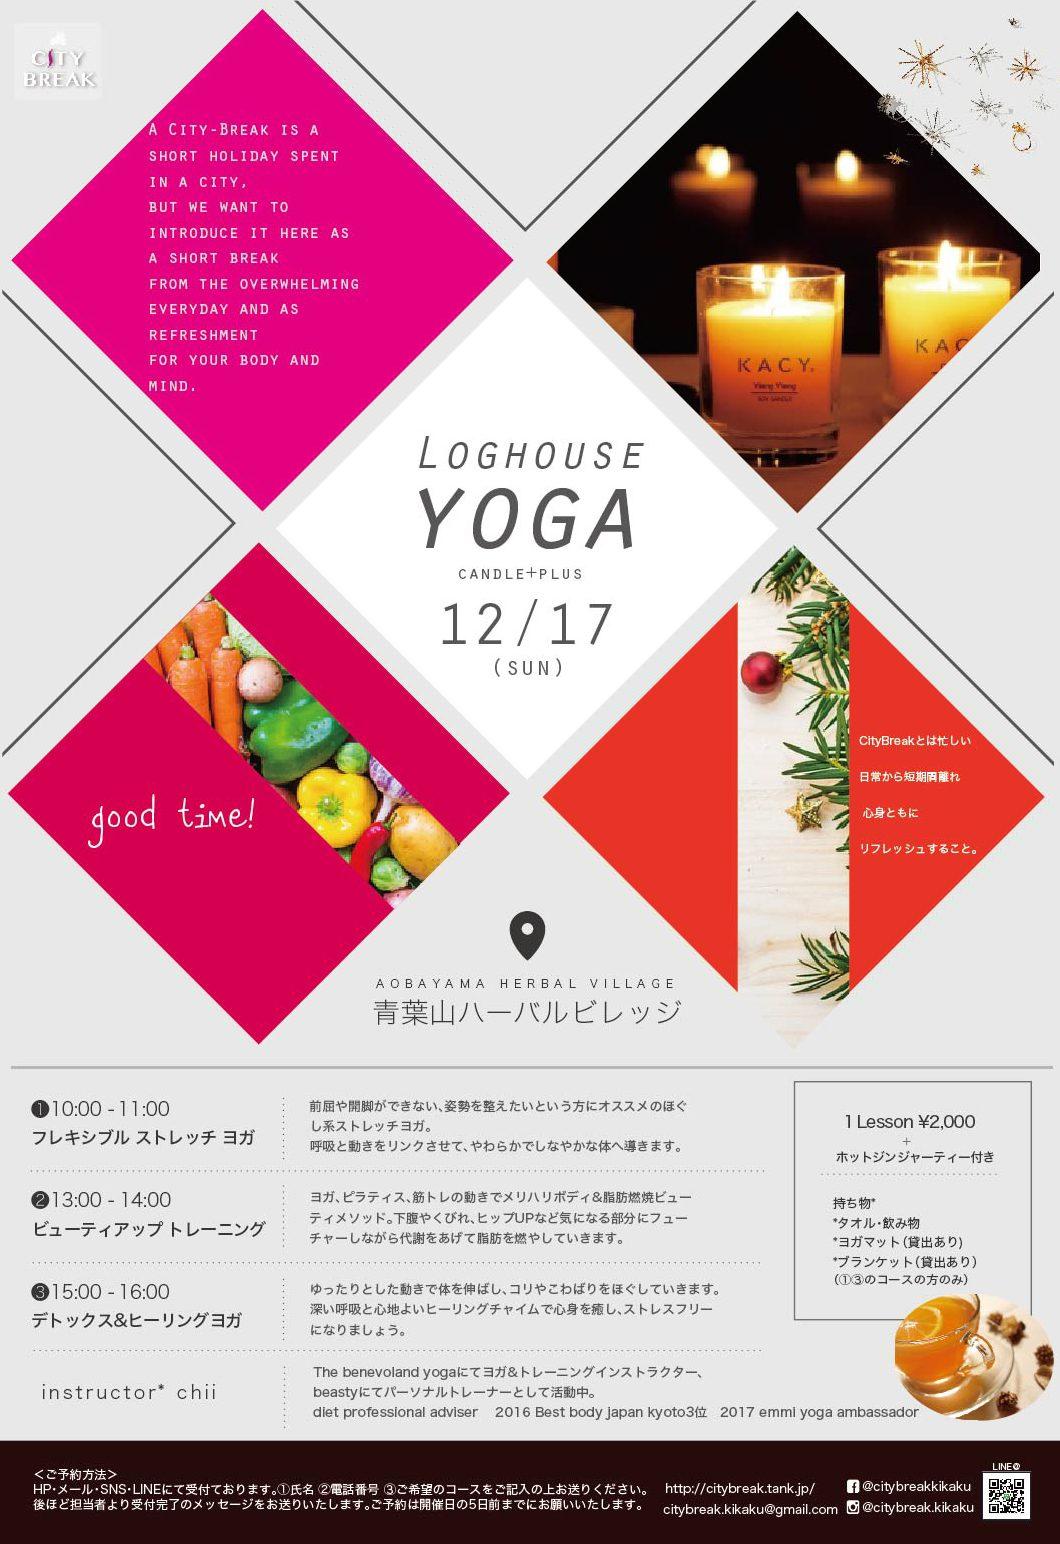 2018 (12/17) Loghouse YOGA-キャンドル+(高浜町)